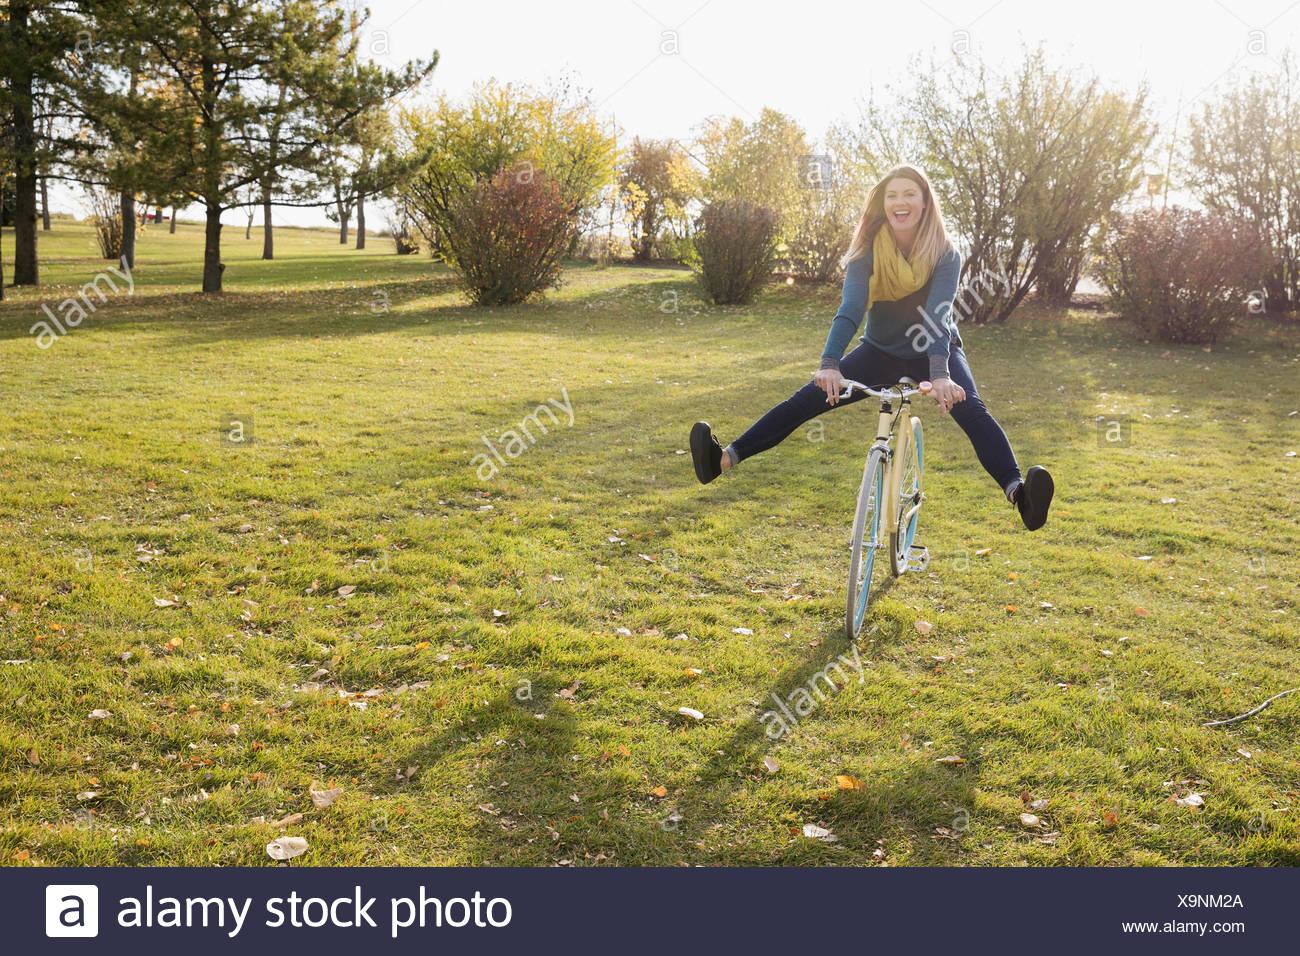 Juguetón mujer bicicleta Equitación en un soleado día de otoño park Imagen De Stock